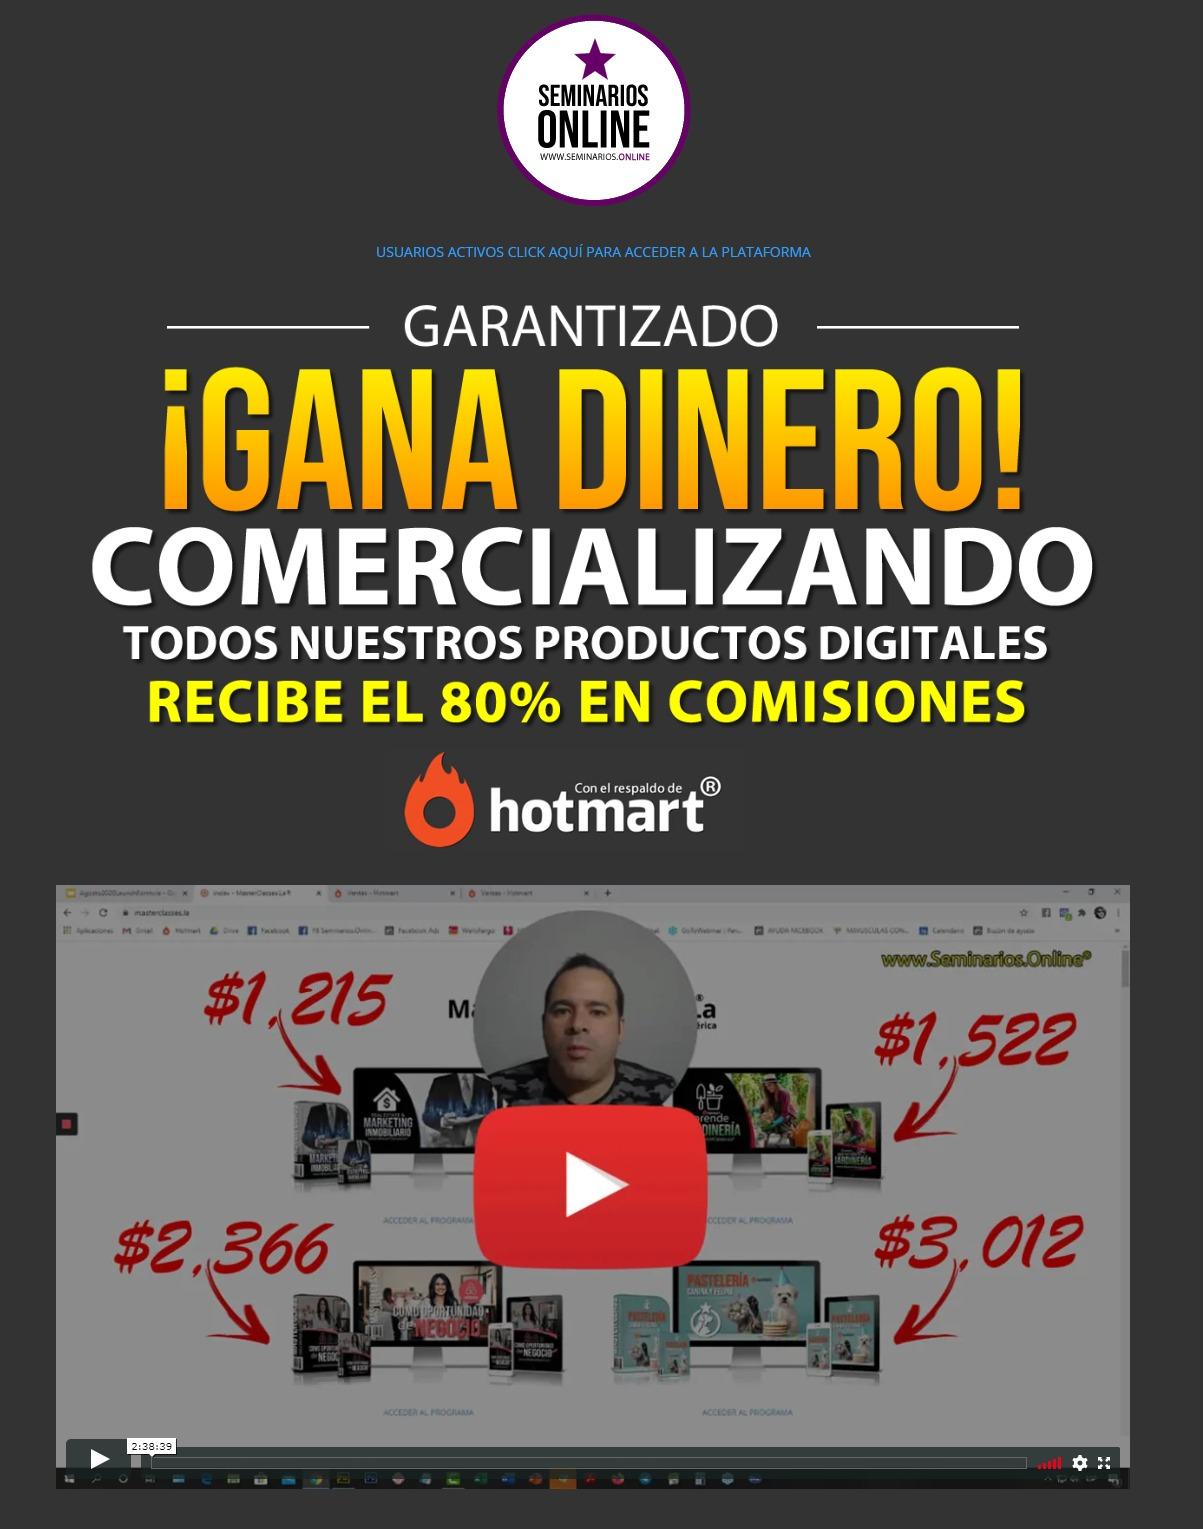 Video Seminarios Online - Mauricio Duque